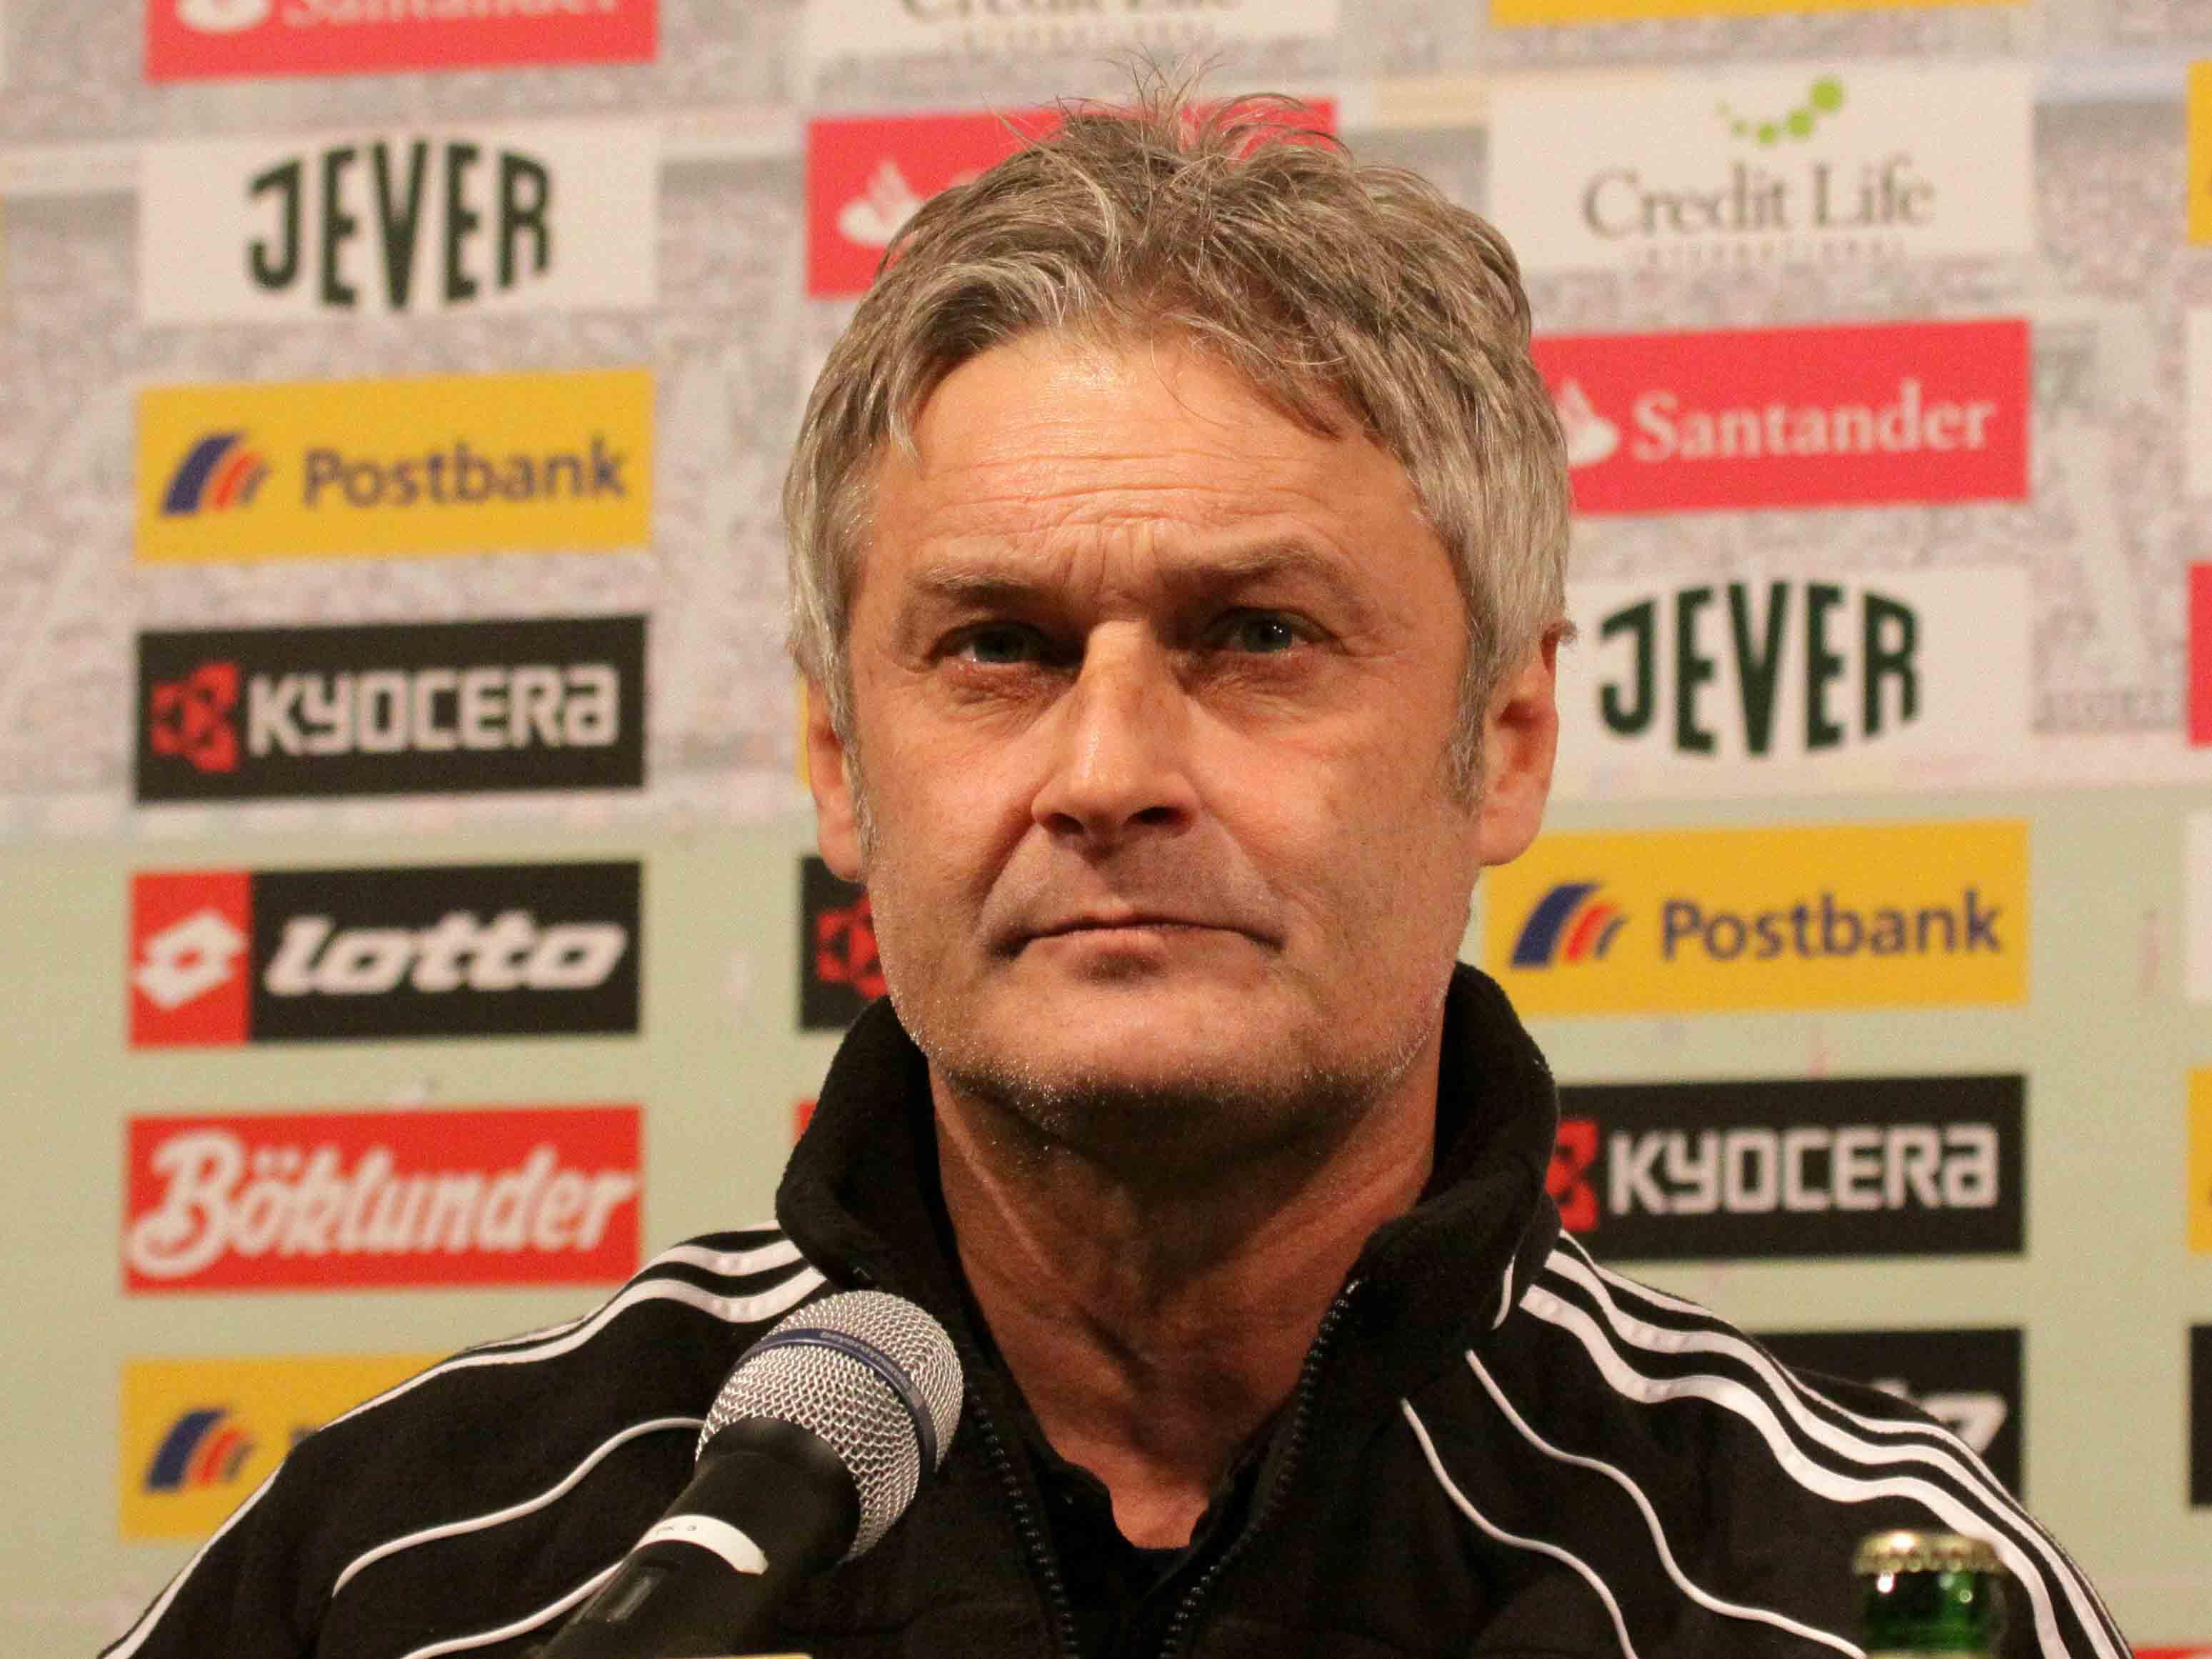 Trainer Des Hsv